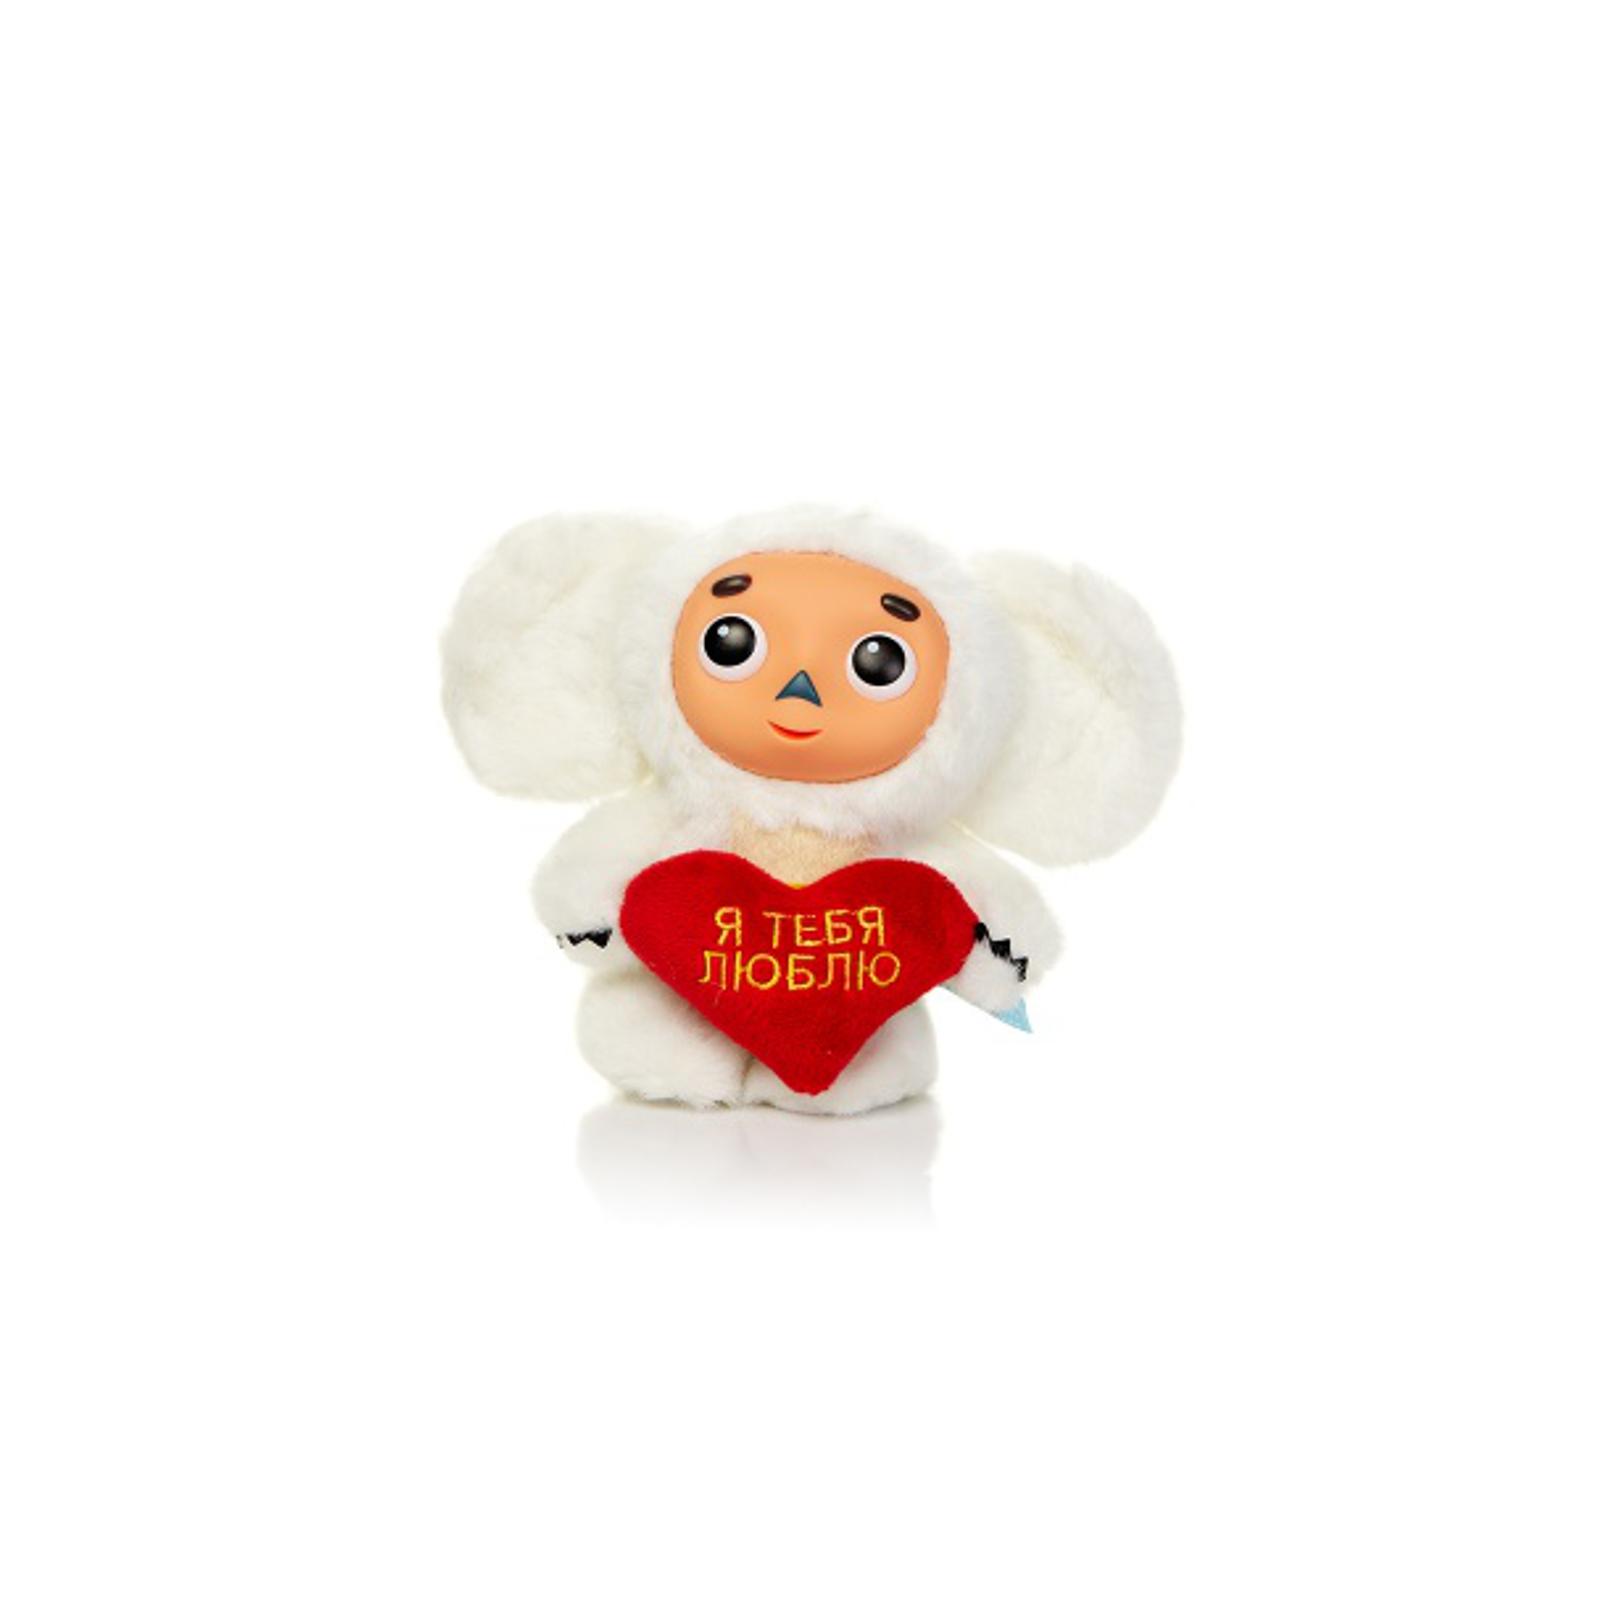 Мягкая игрушка Мульти-пульти Чебурашка белый с сердцем